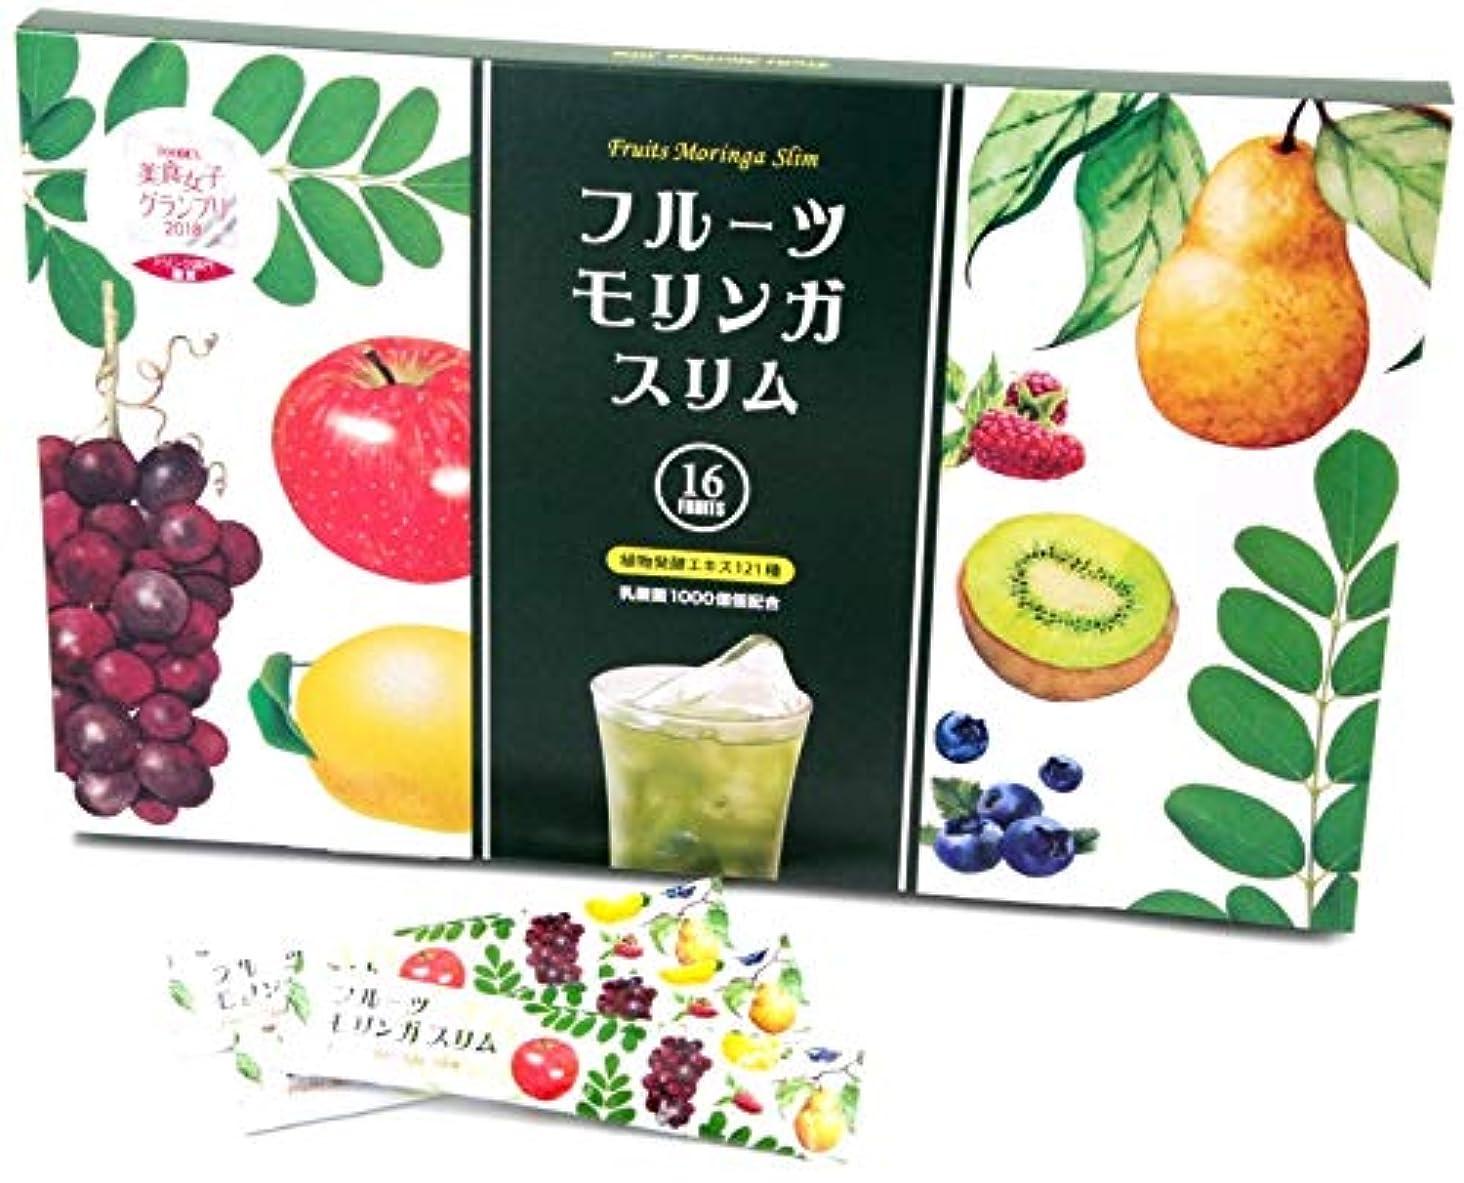 亡命面積急行するフルーツ モリンガ 美容 健康 栄養 食習慣 ボディメイク 国産品 (1箱/3g×30包+シェーカー)